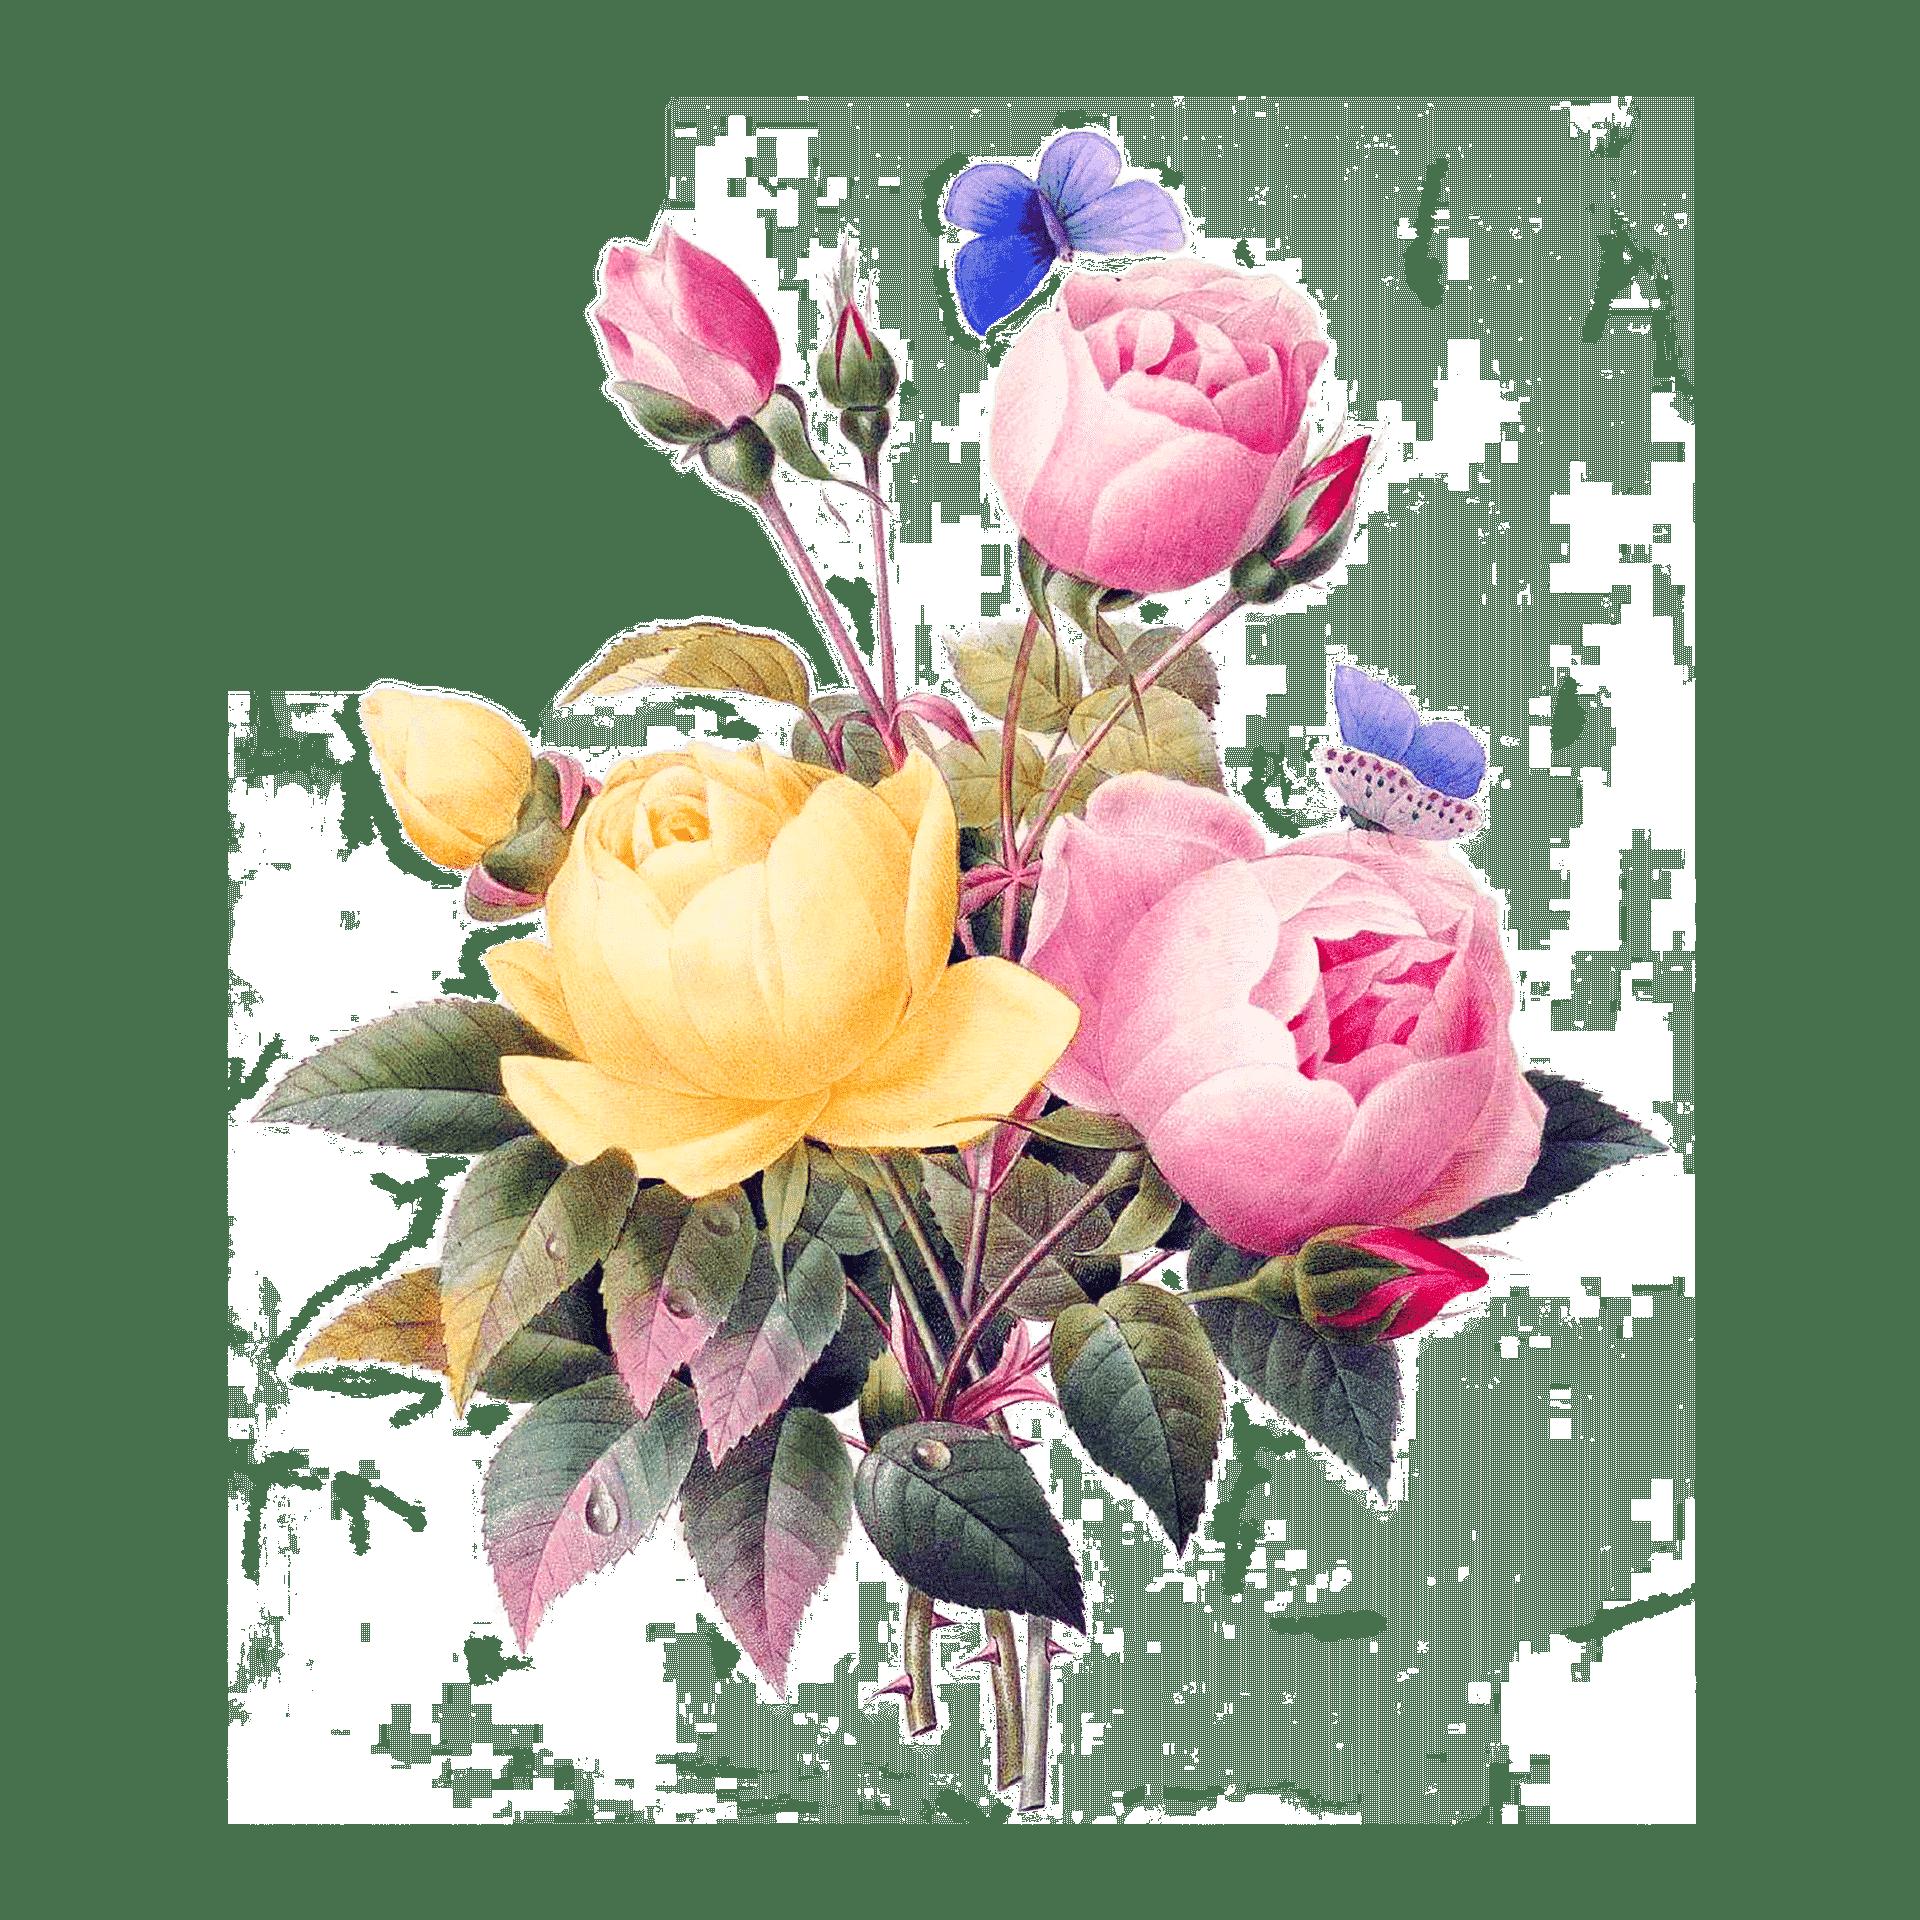 Rosa und gelbe Rosen Strauß mit Violetten kleinen Schmetterling Illustration auf weißem Hintergrund